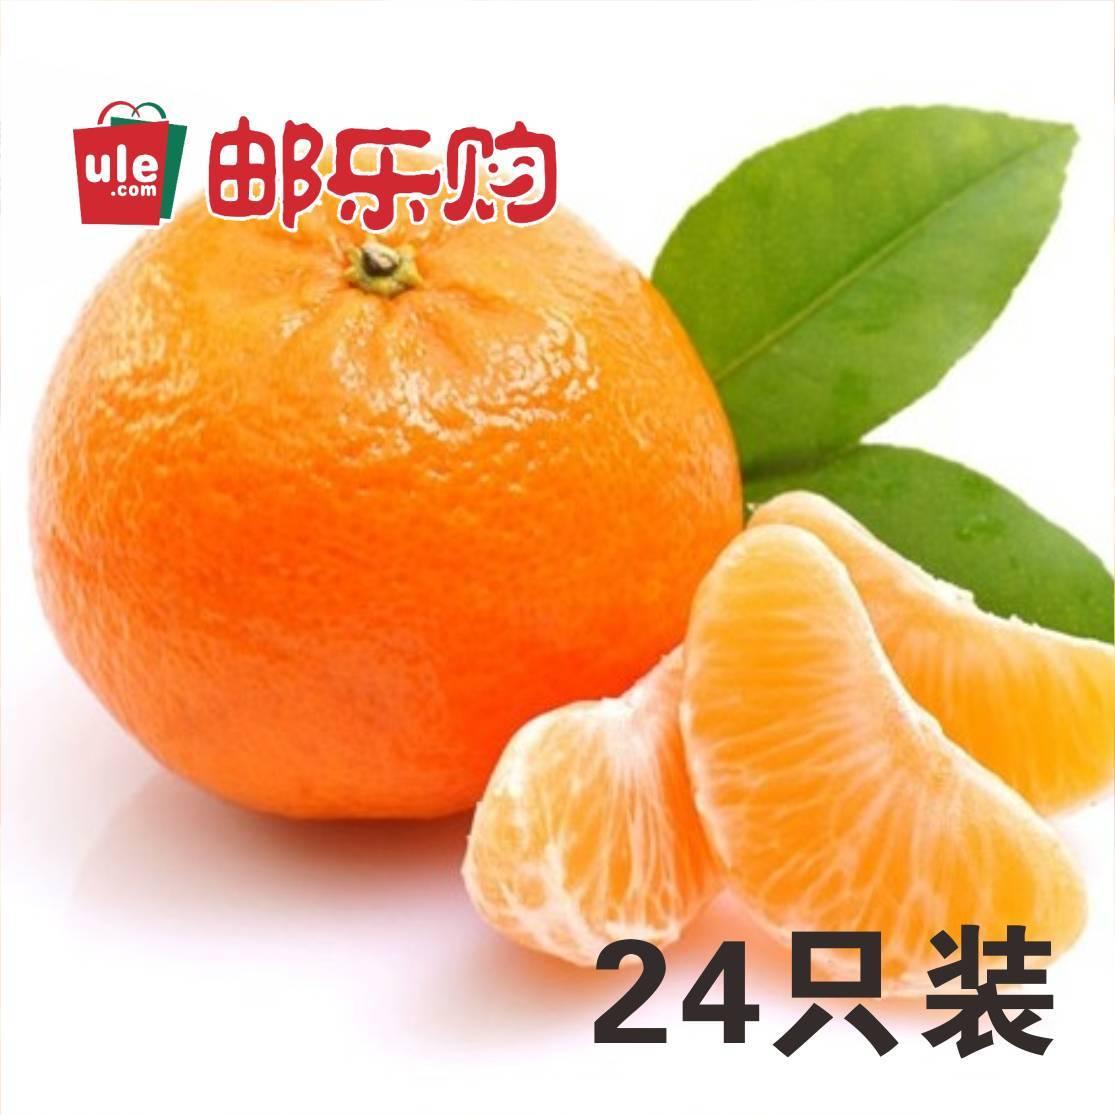 [员工创业][预售:11月20日左右统一发货]临海涌泉蜜桔24个5斤左右